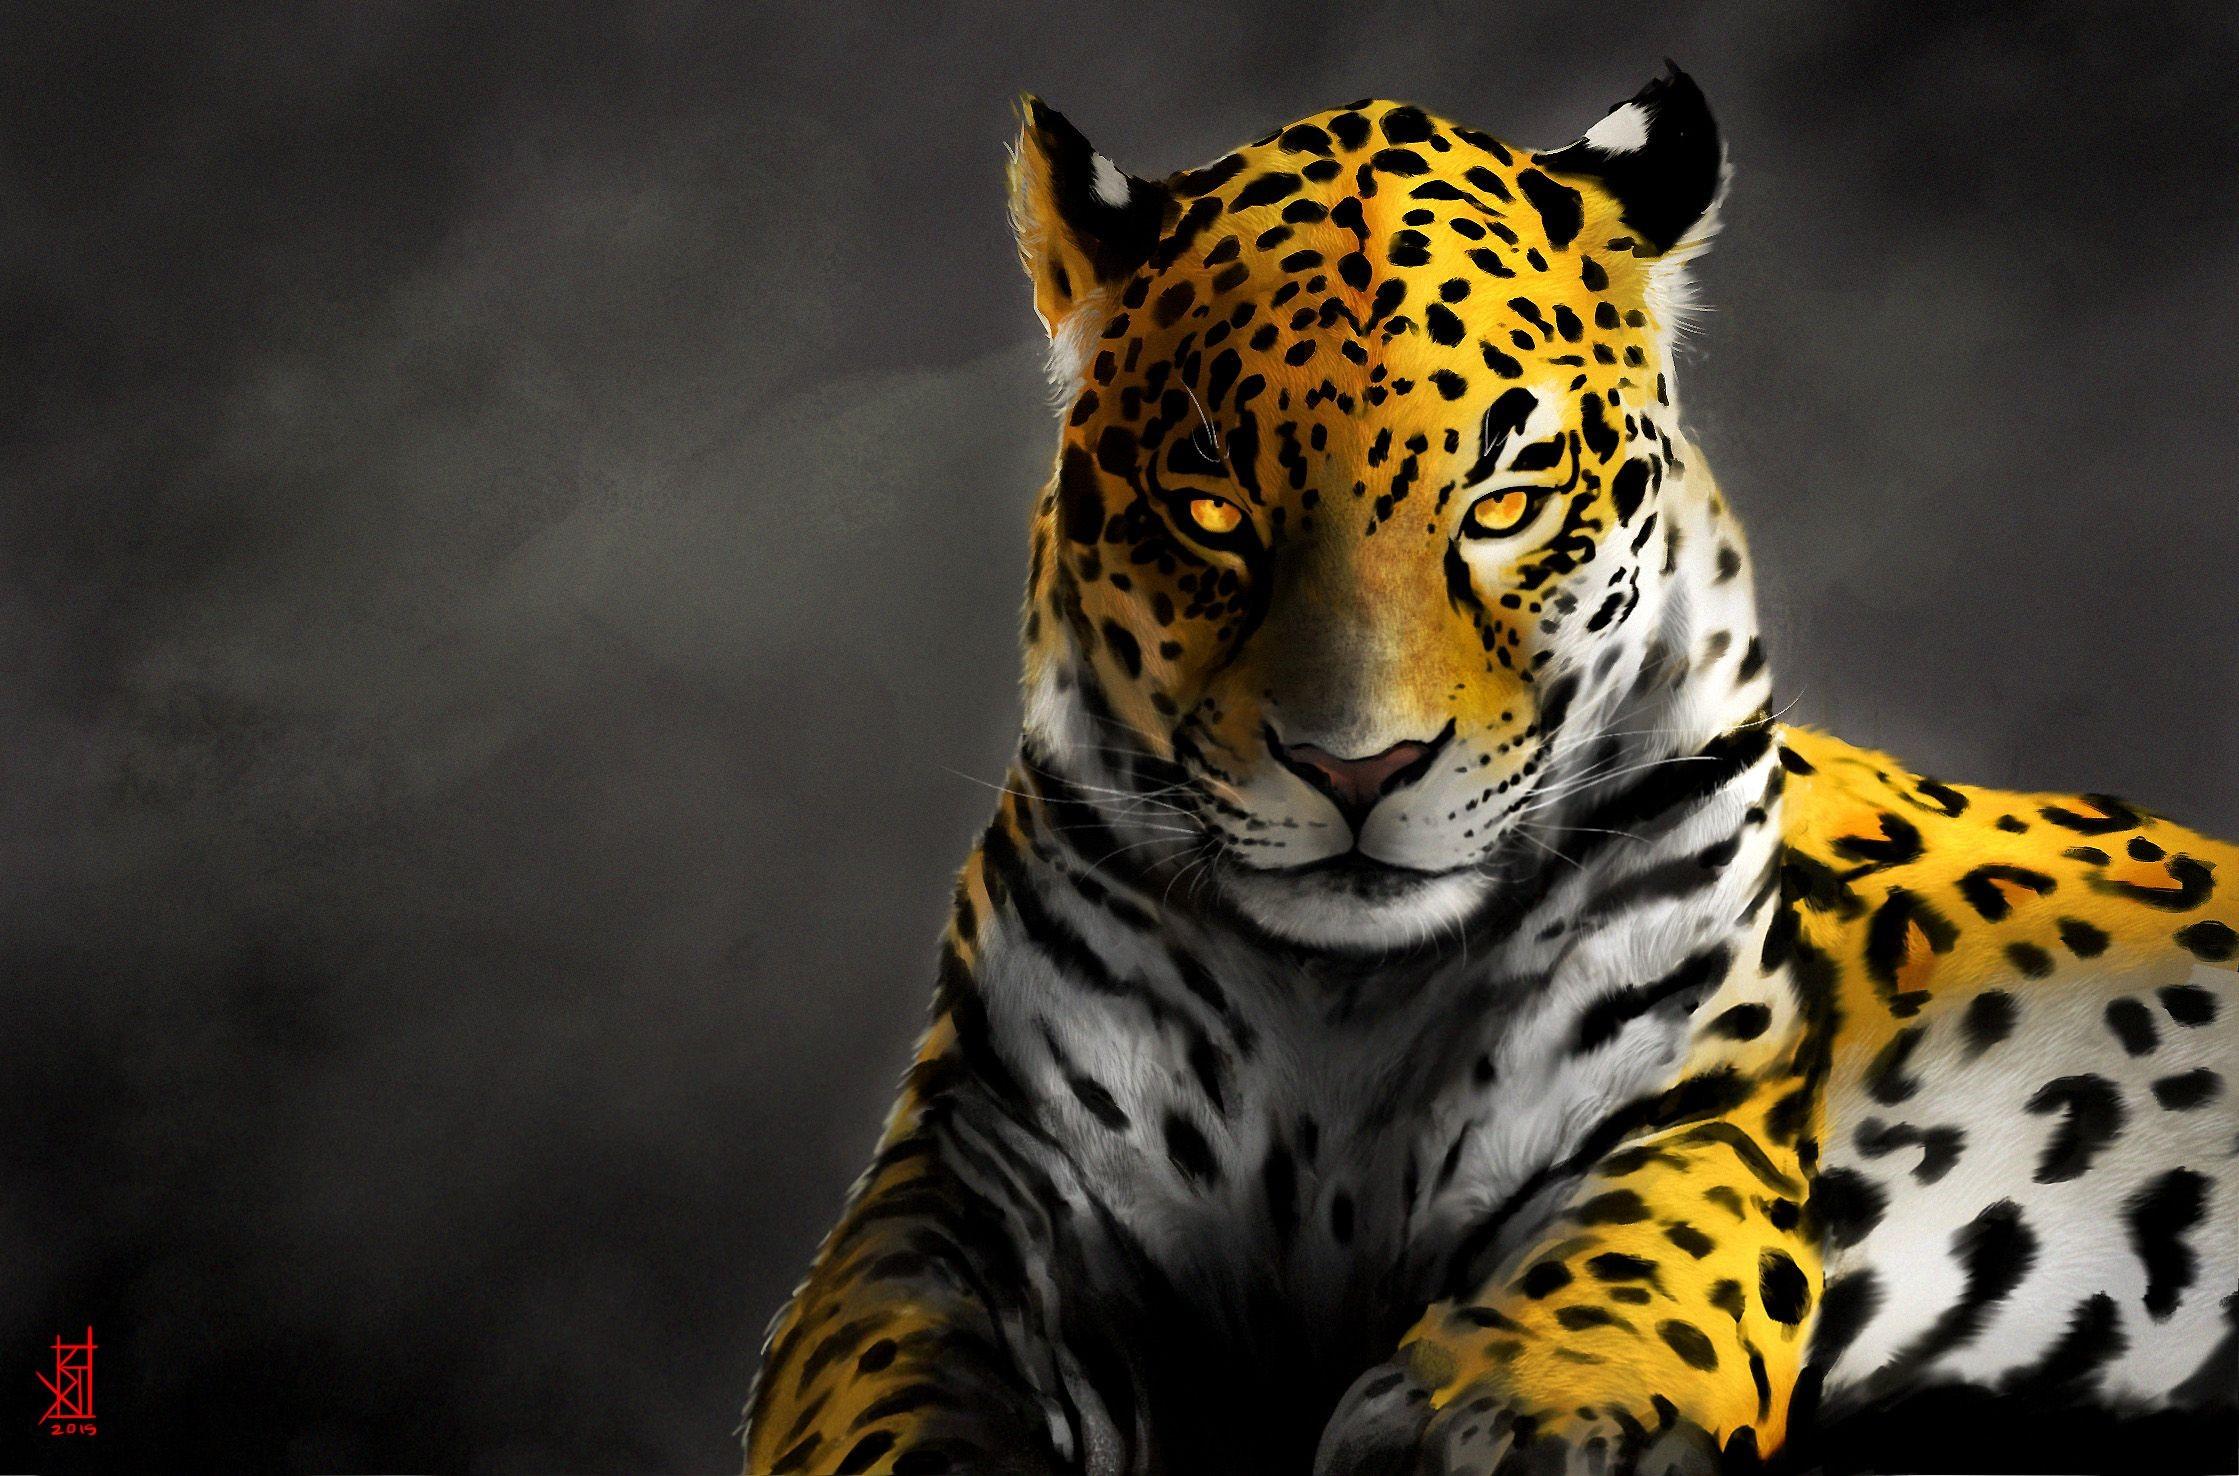 Jaguar images